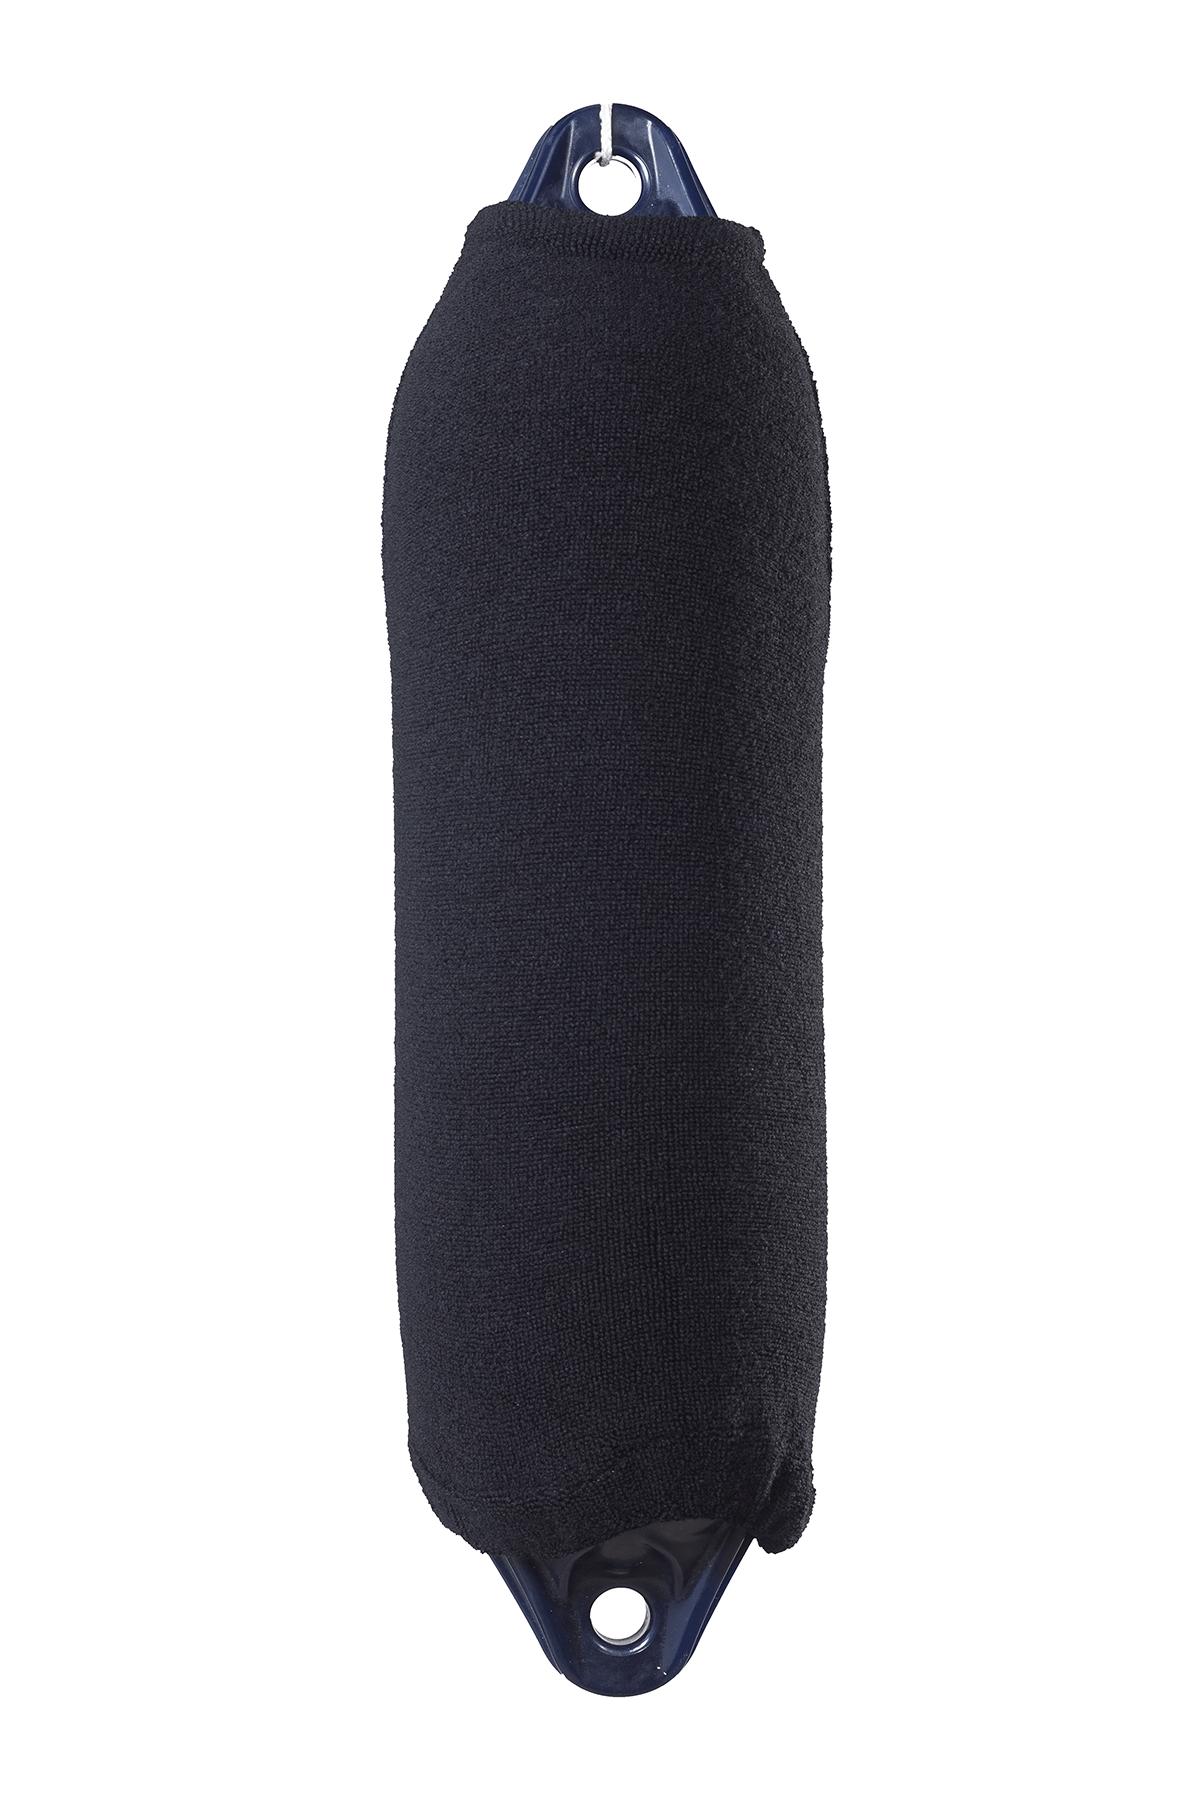 22.34 - Καλύμματα Μακρόστενων Μπαλονιών 61cm Χρώματος Μαύρου - Σετ Των 2 Τεμαχίων